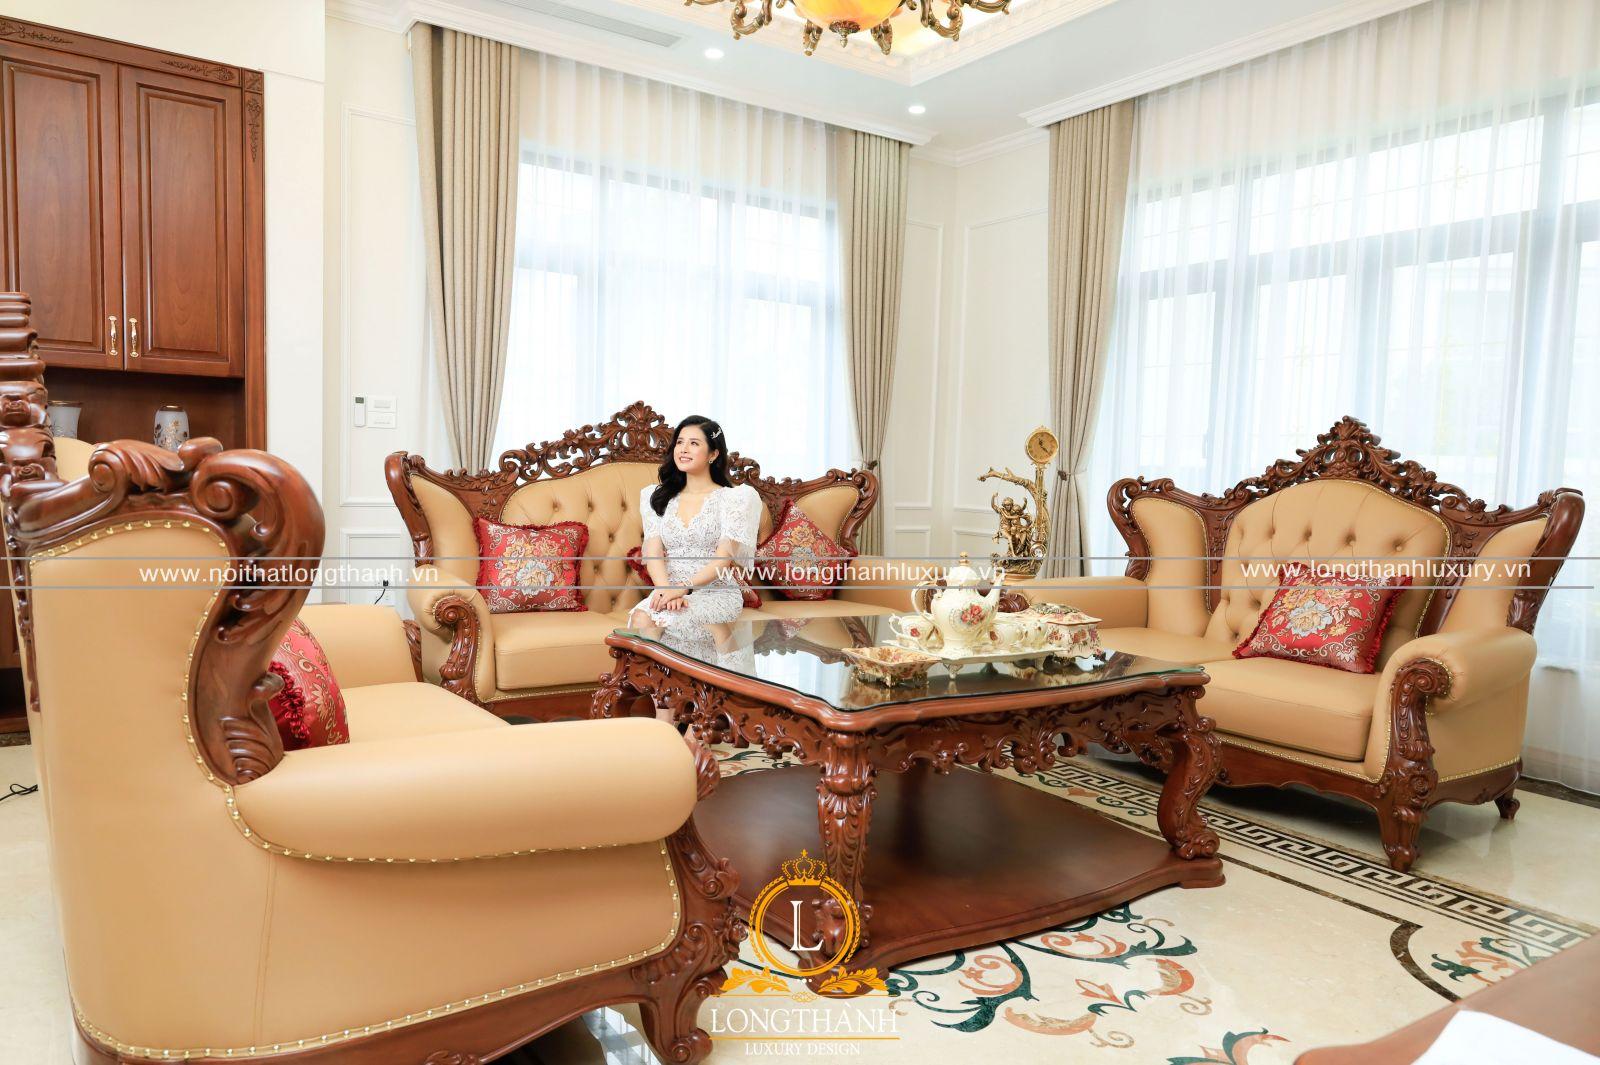 Sản phẩm sofa tân cổ điển cao cấp được sử dụng công nghệ sơn Inchem